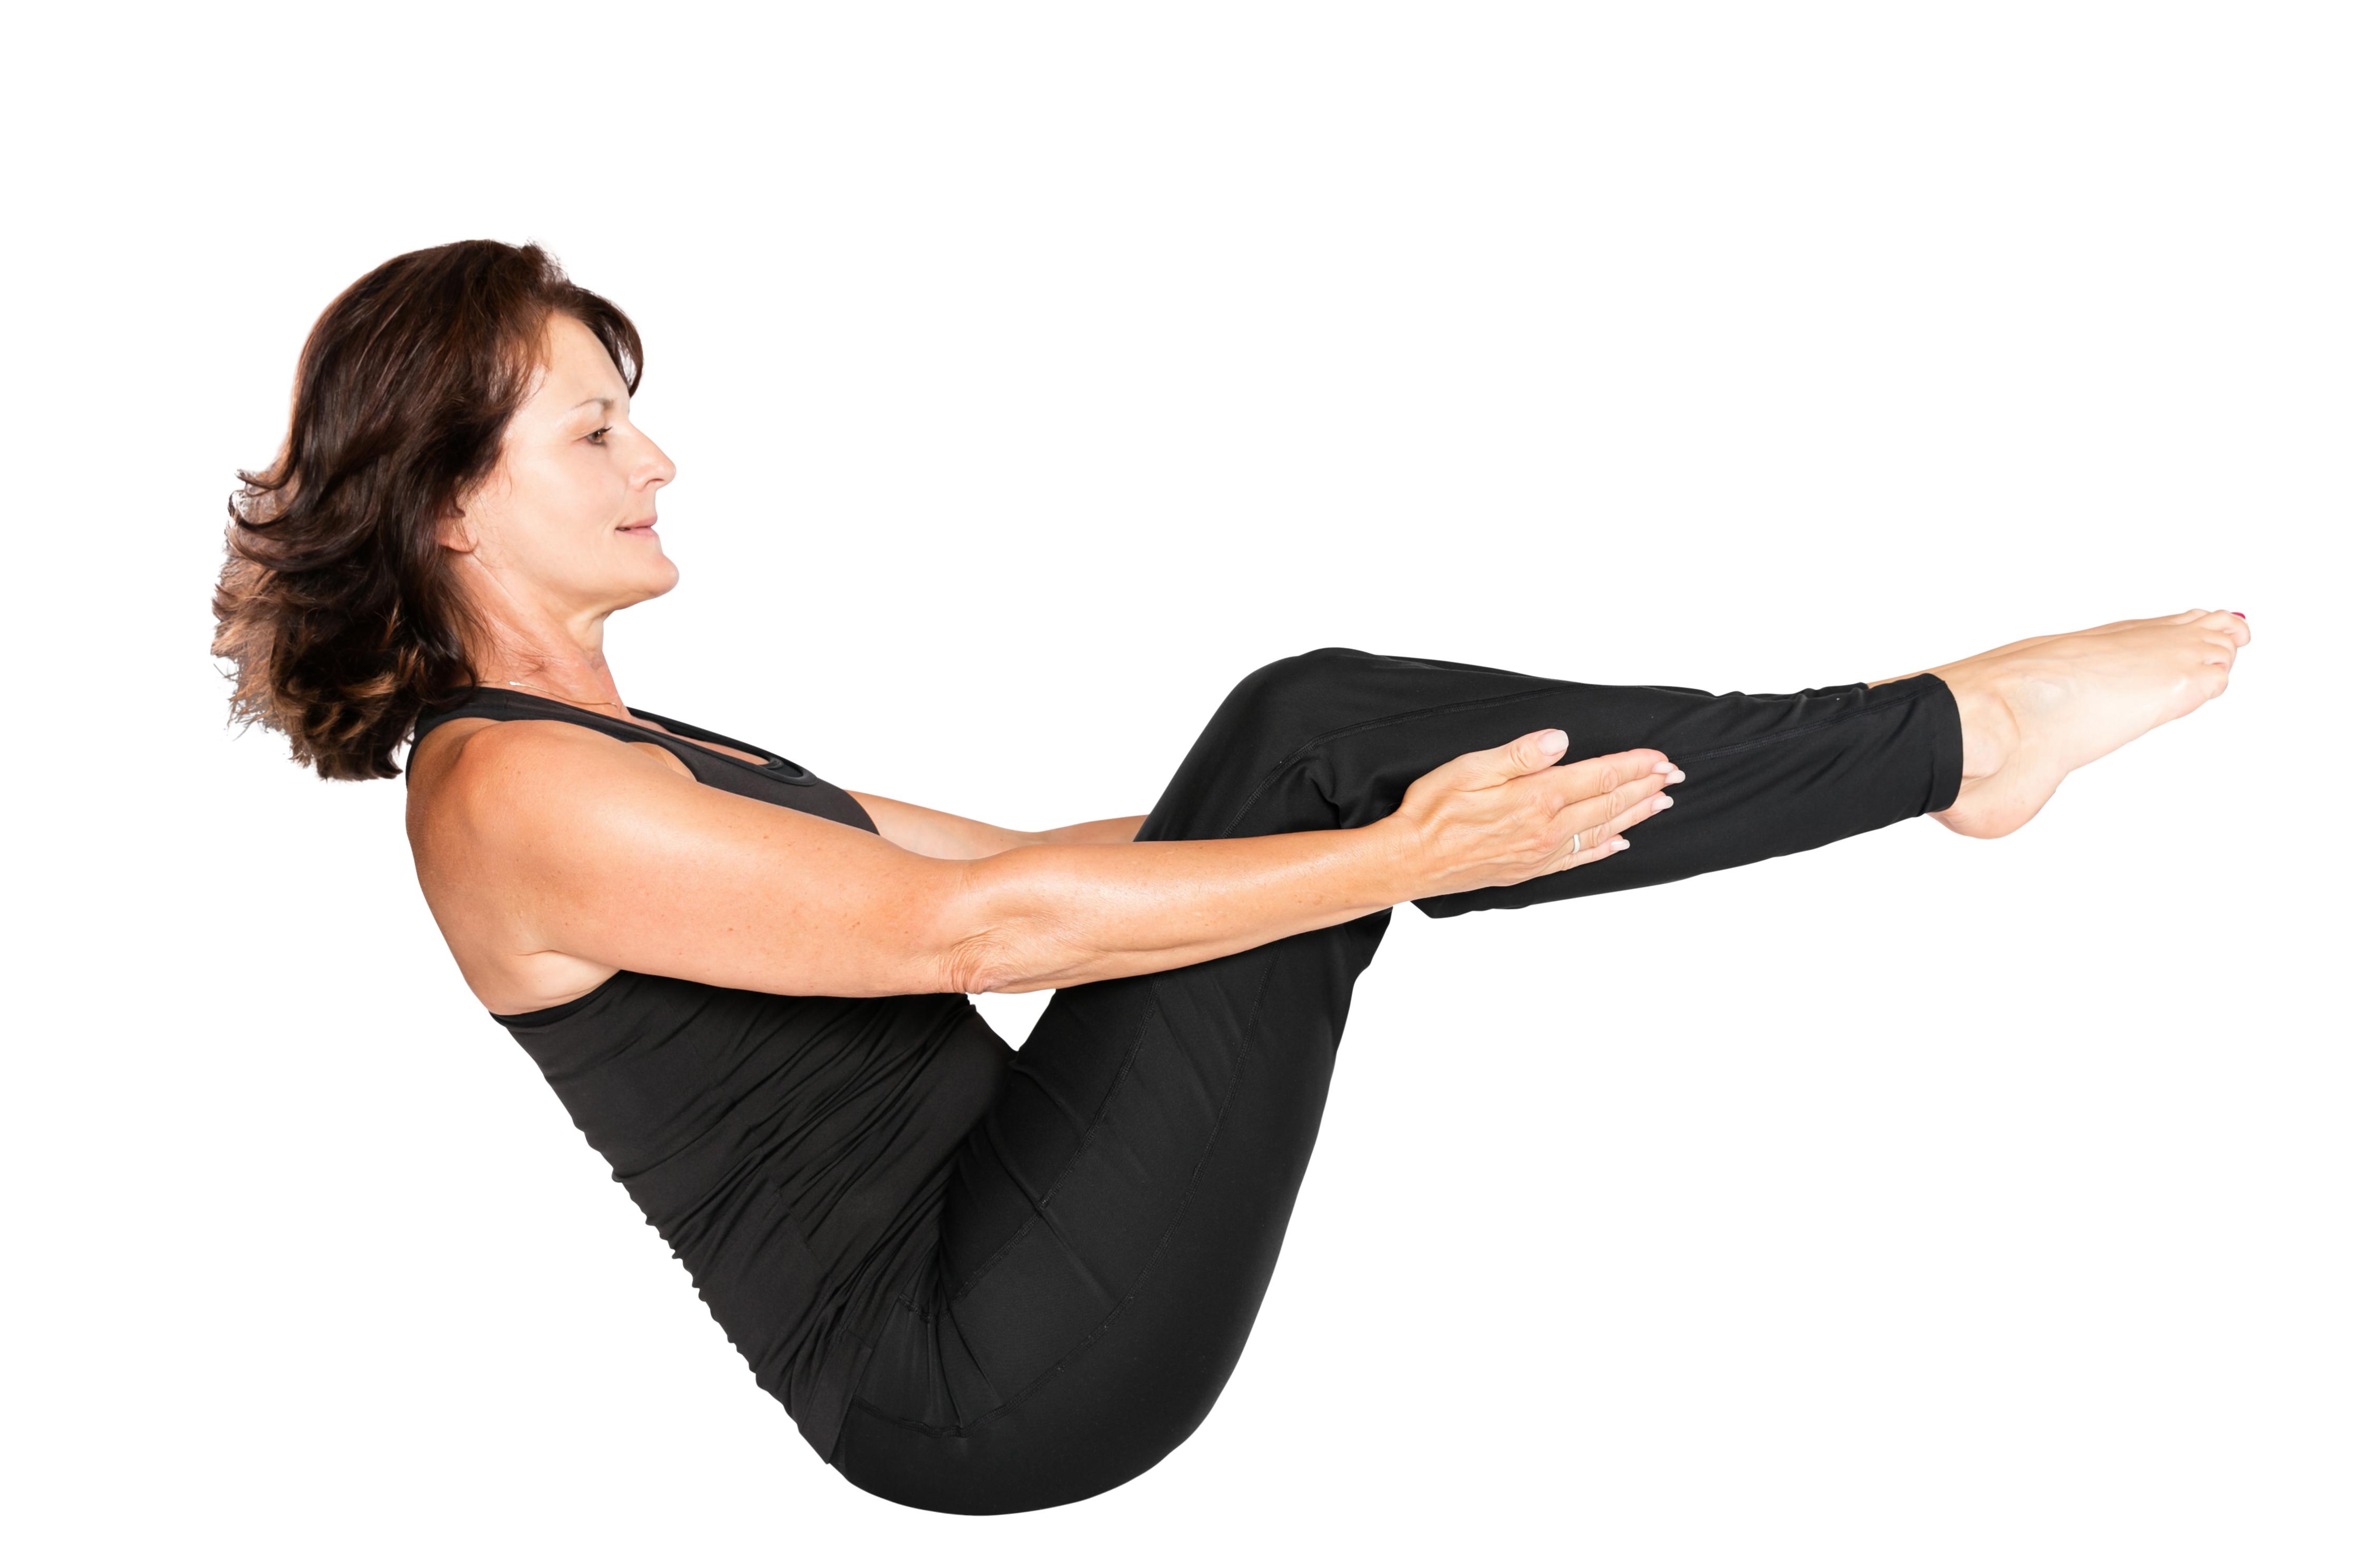 Videokurs: C.Gym Pilates – Stärke deine Tiefenmuskulatur!